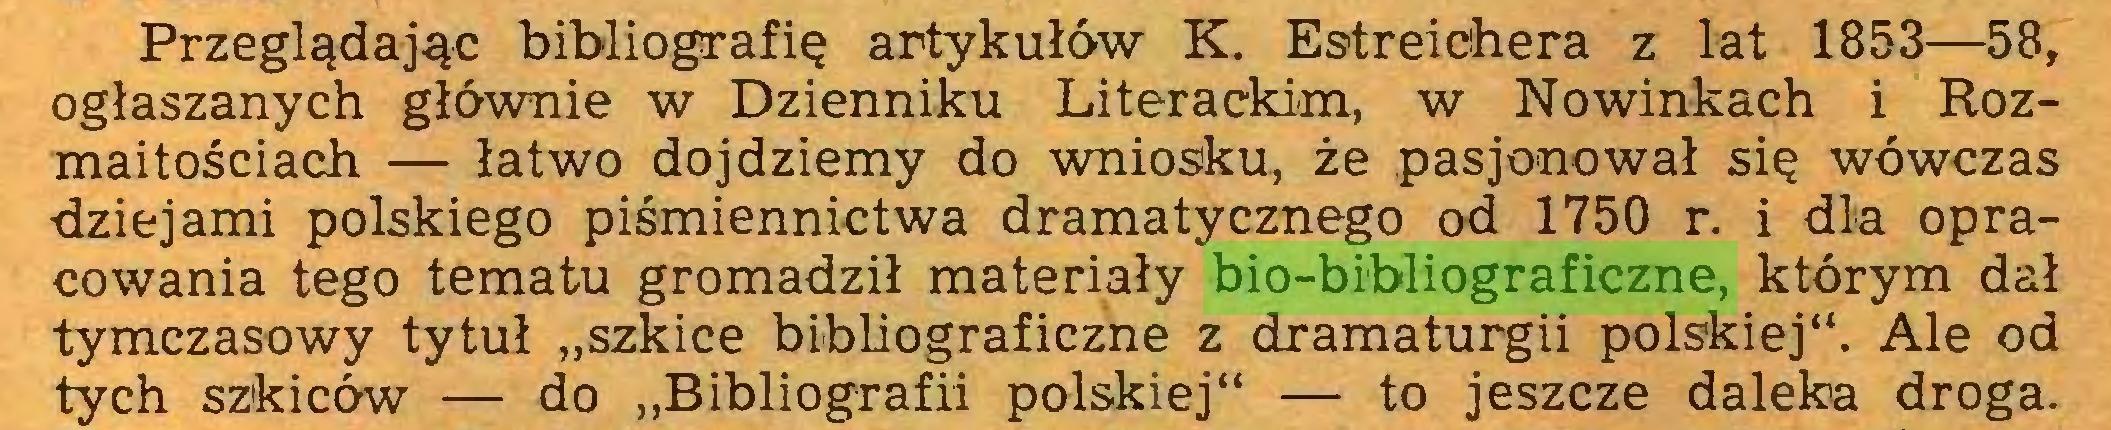 """(...) Przeglądając bibliografię artykułów K. Estreichera z lat 1853—58, ogłaszanych głównie w Dzienniku Literackim, w Nowinkach i Rozmaitościach — łatwo dojdziemy do wniosku, że pasjonował się wówczas dziejami polskiego piśmiennictwa dramatycznego od 1750 r. i dla opracowania tego tematu gromadził materiały bio-bibliograficzne, którym dał tymczasowy tytuł """"szkice bibliograficzne z dramaturgii polskiej"""". Ale od tych szkiców — do """"Bibliografii polskiej"""" — to jeszcze daleka droga..."""